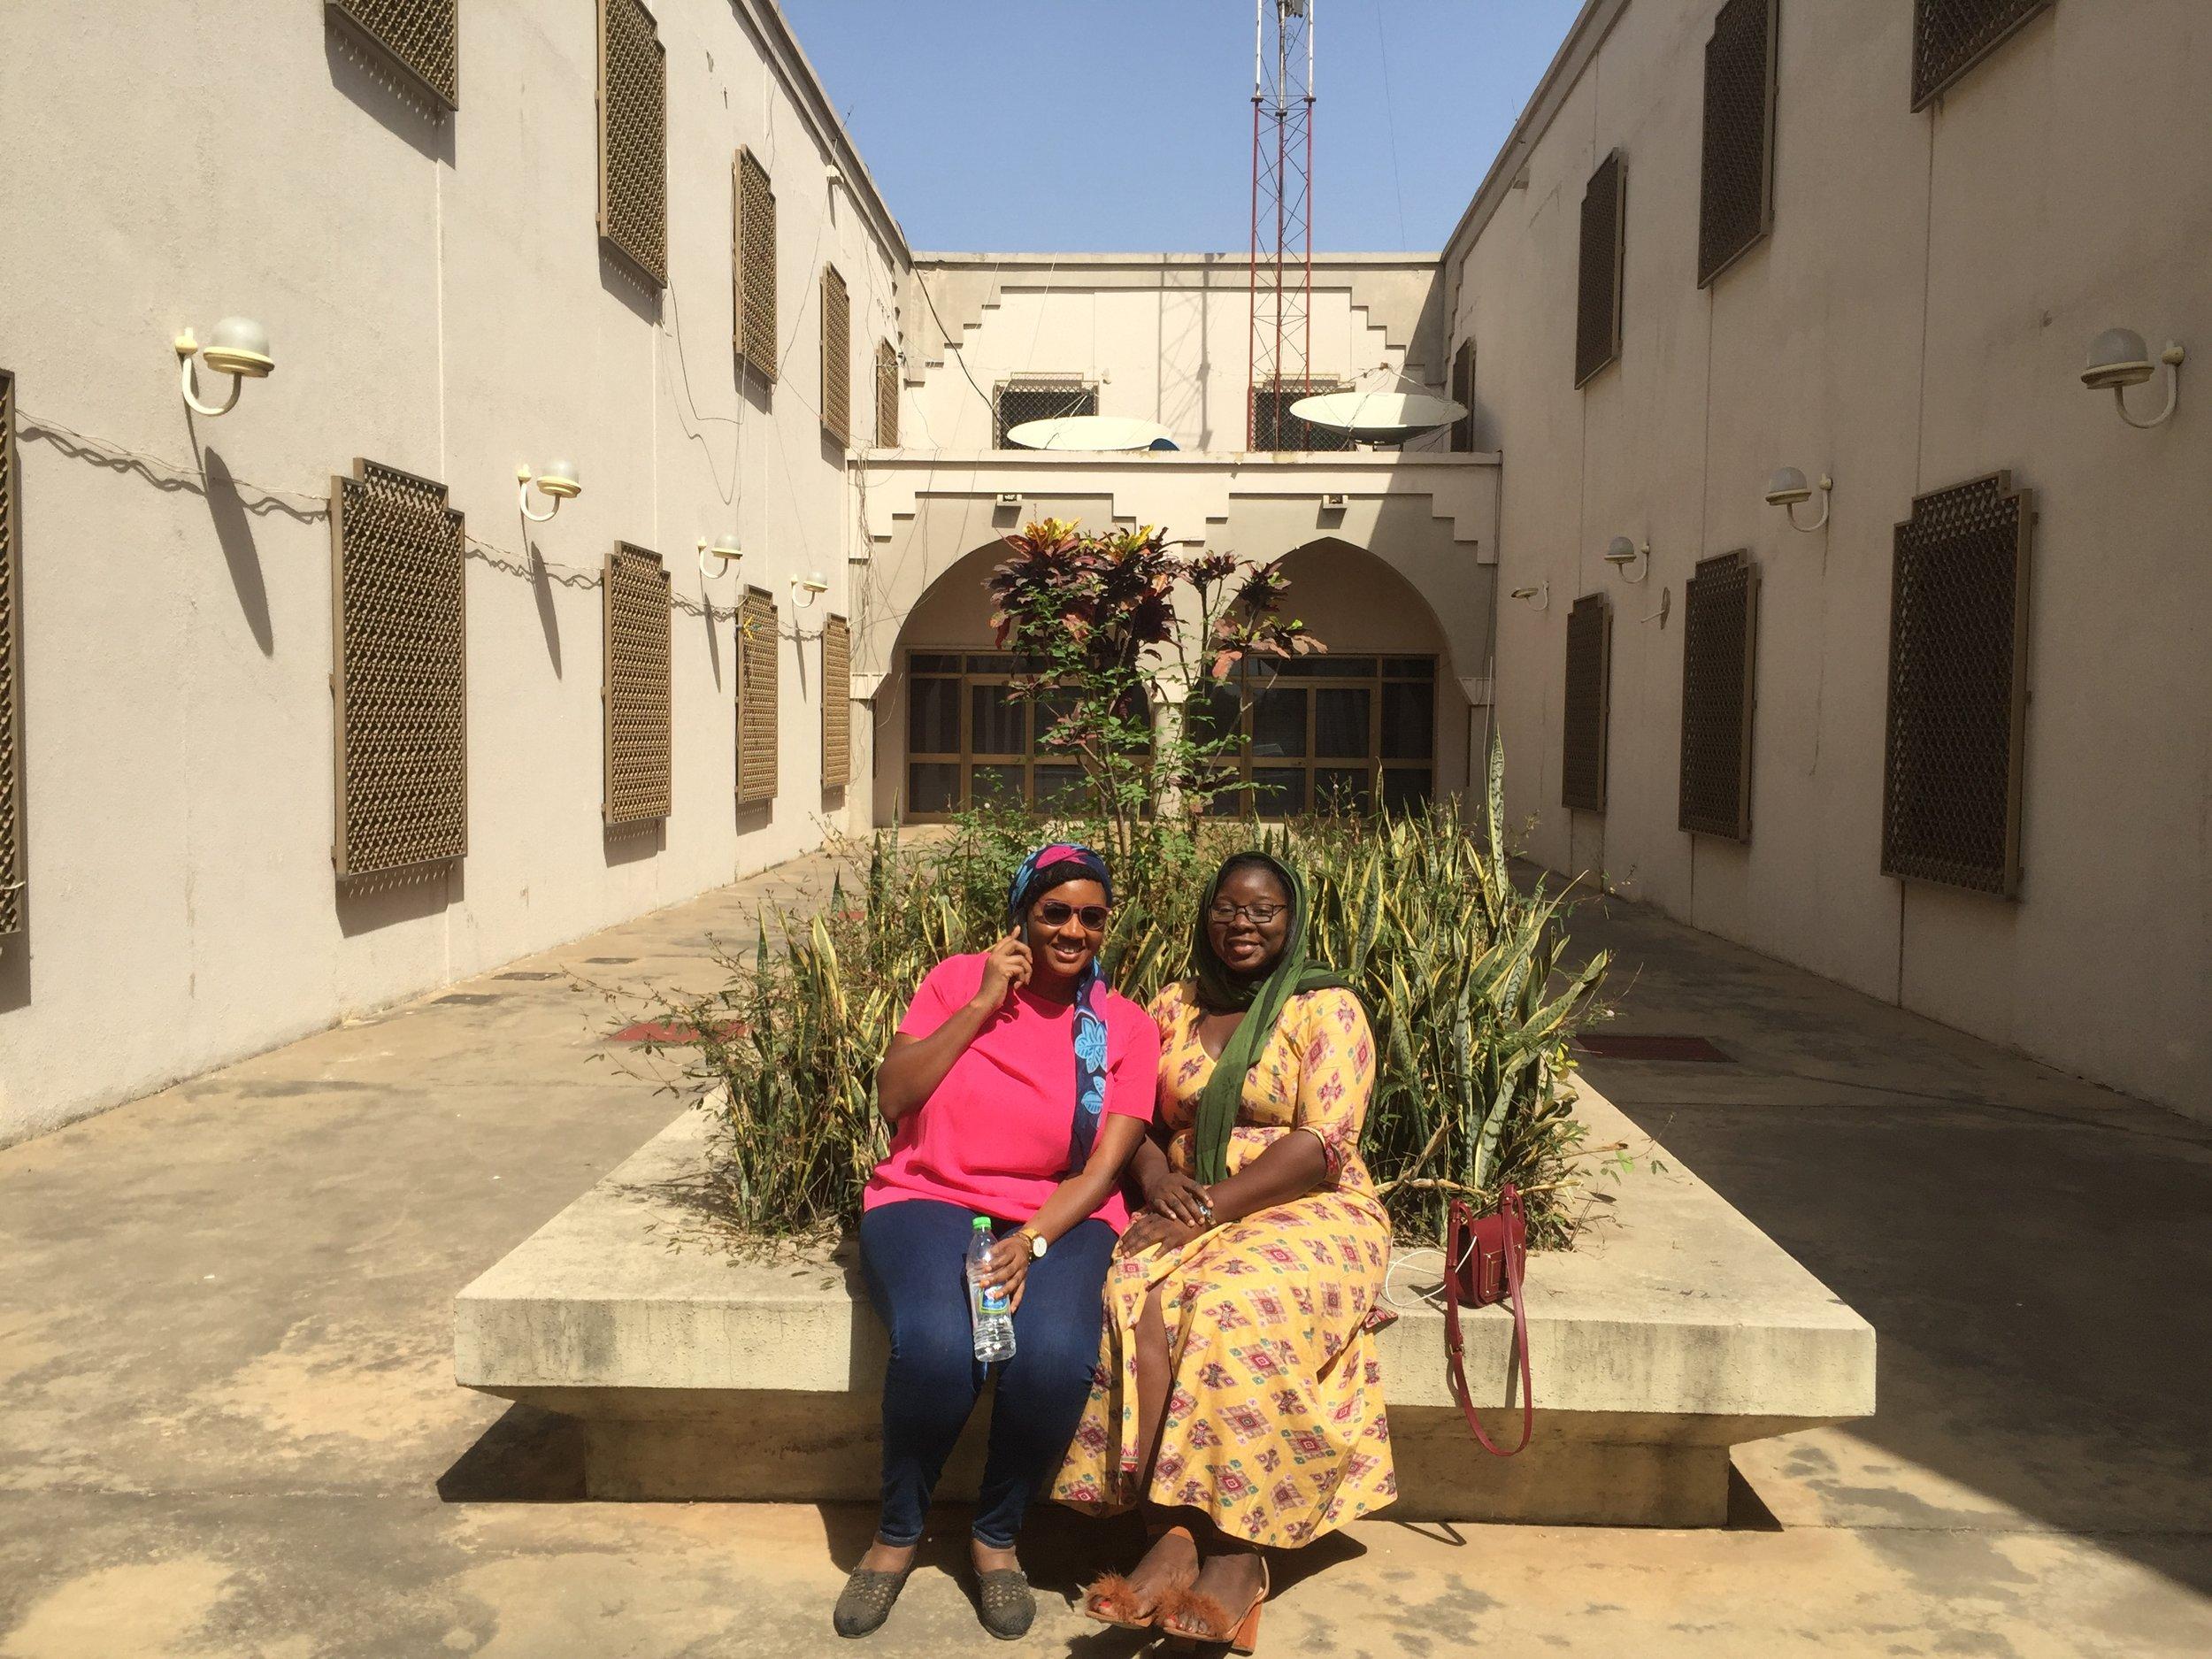 Hasana (a colleague)and I